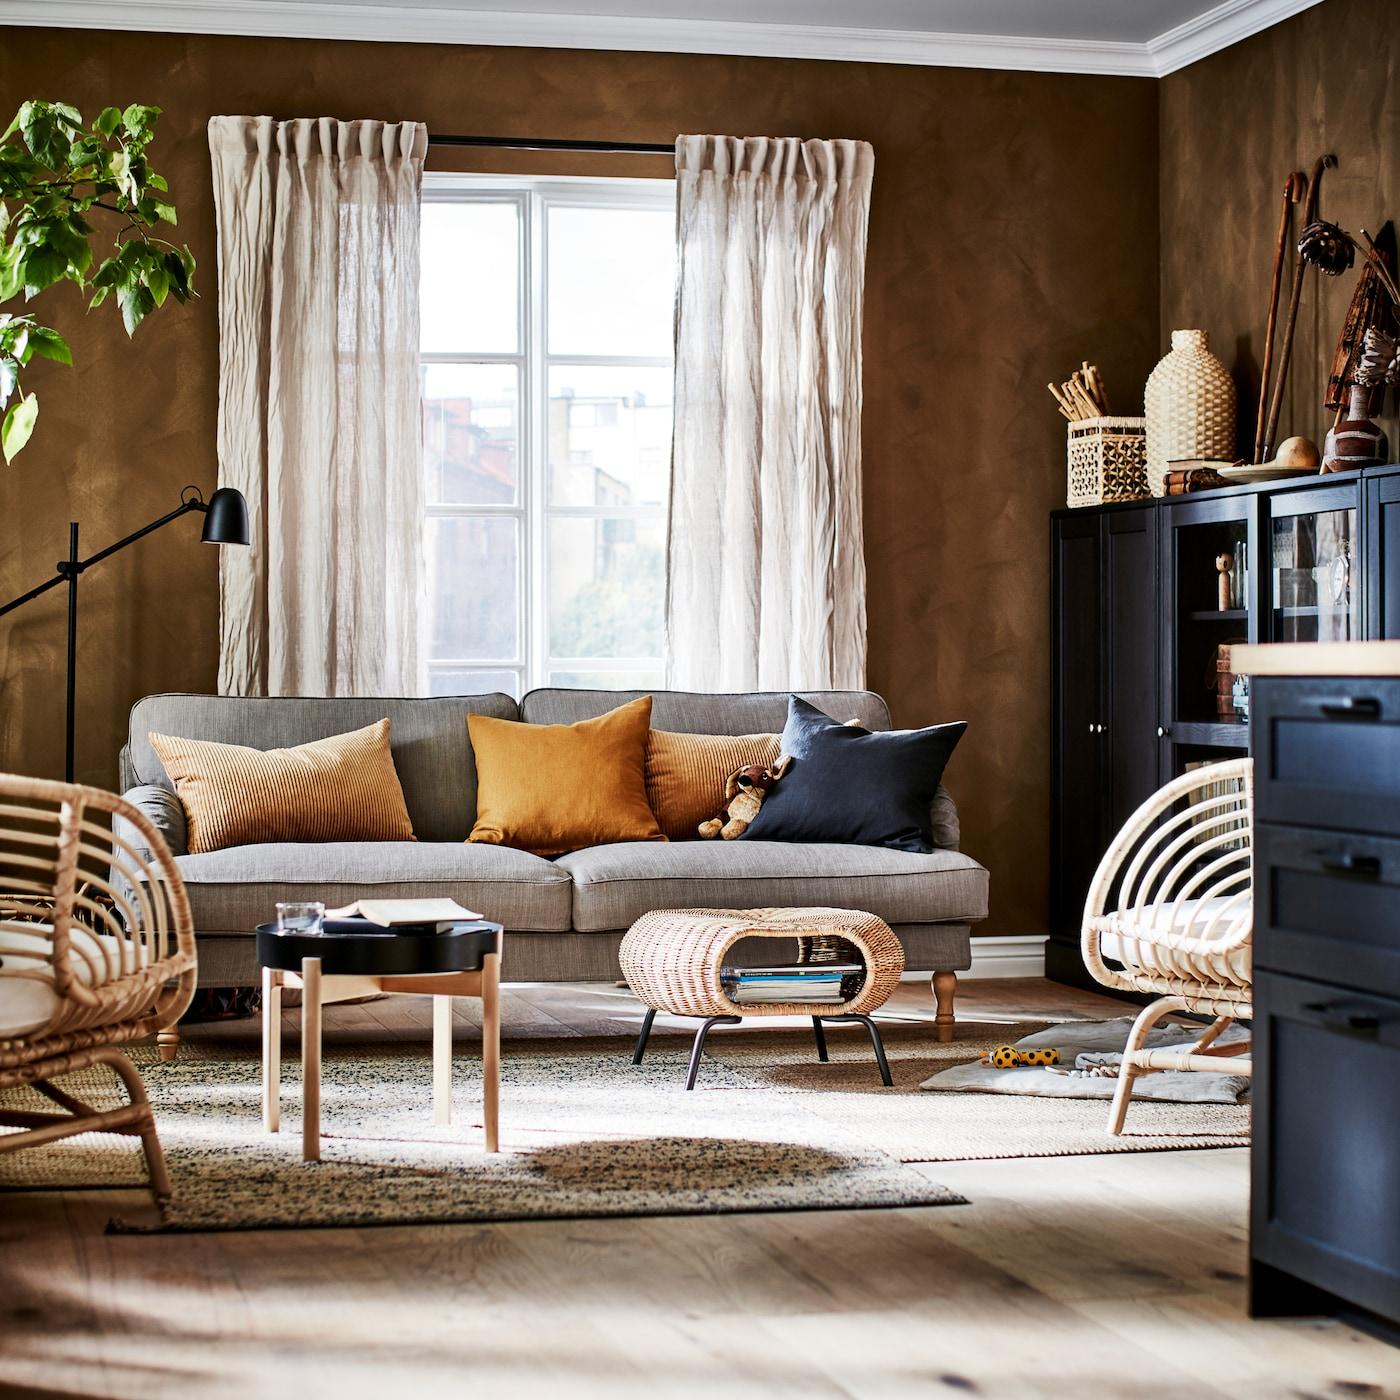 Ruang tamu yang mempunyai sofa berwarna kelabu kuning air, dua ambal jut, dua kerusi berlengan rotan, langsir linen berwarna kuning air dan kabinet berwarna coklat gelap.